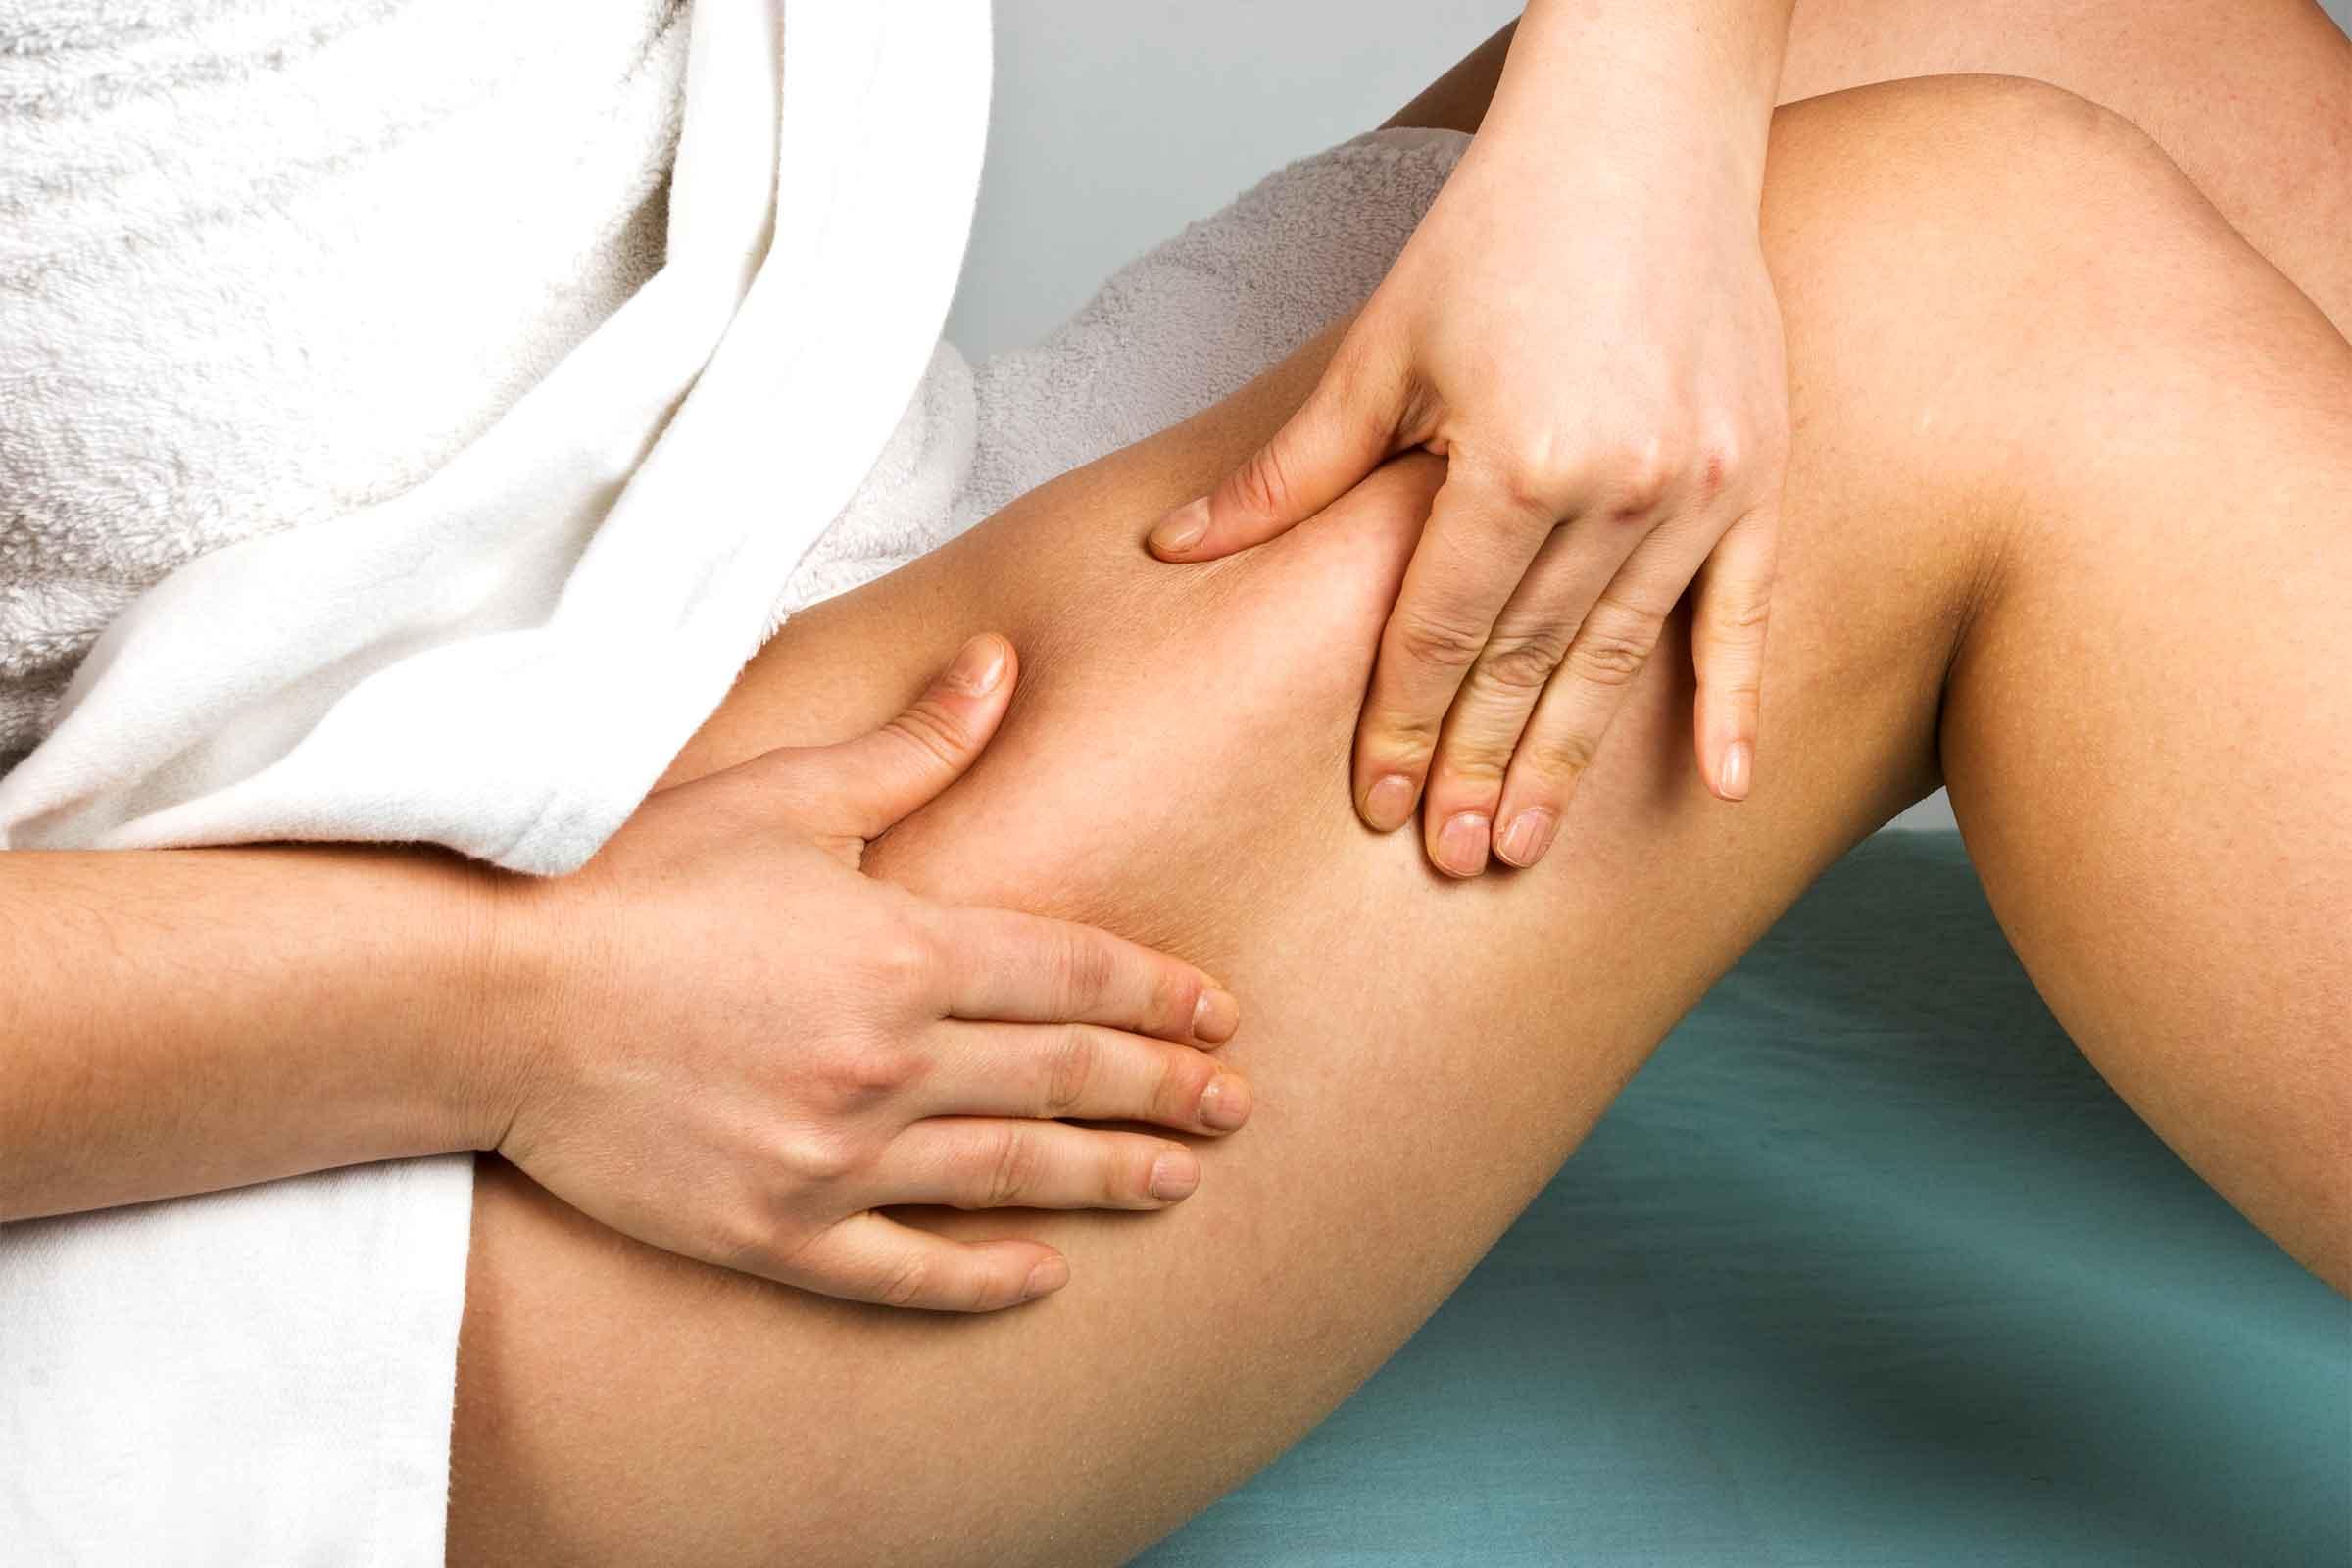 4 Bài tập yaga giúp giảm mỡ đùi cho bạn đôi chân thon thả như ý muốn